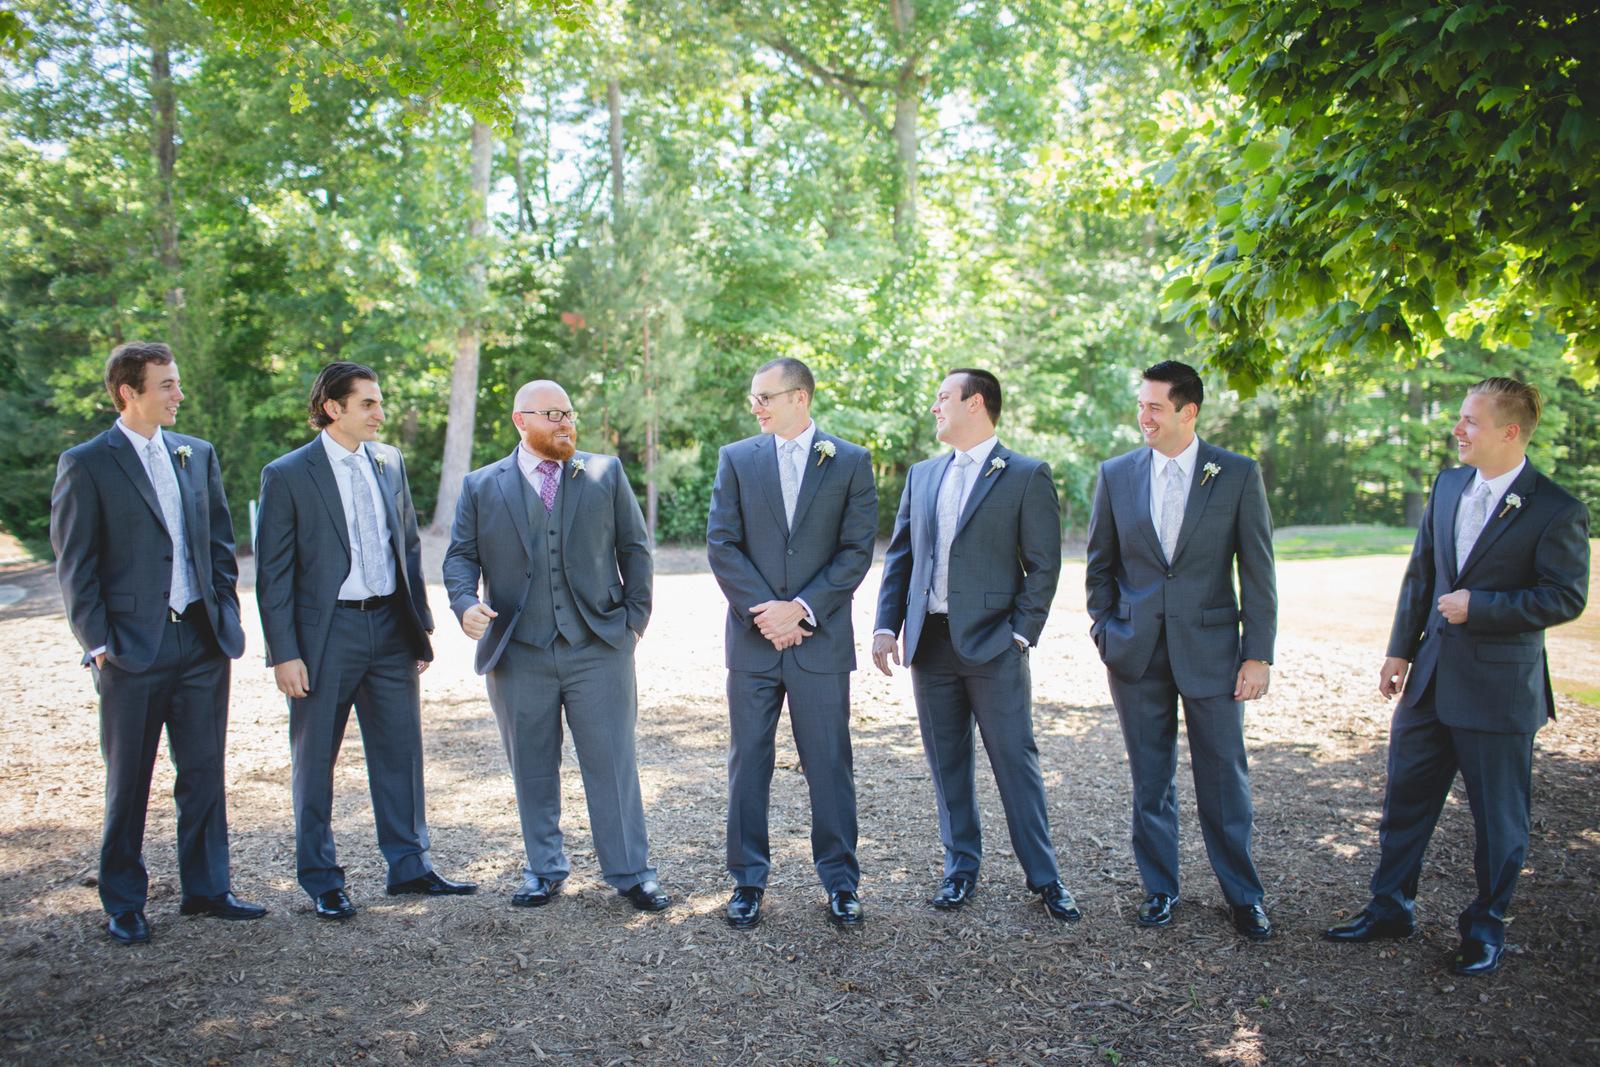 RyanKacie-weddingparty-1-90.jpg